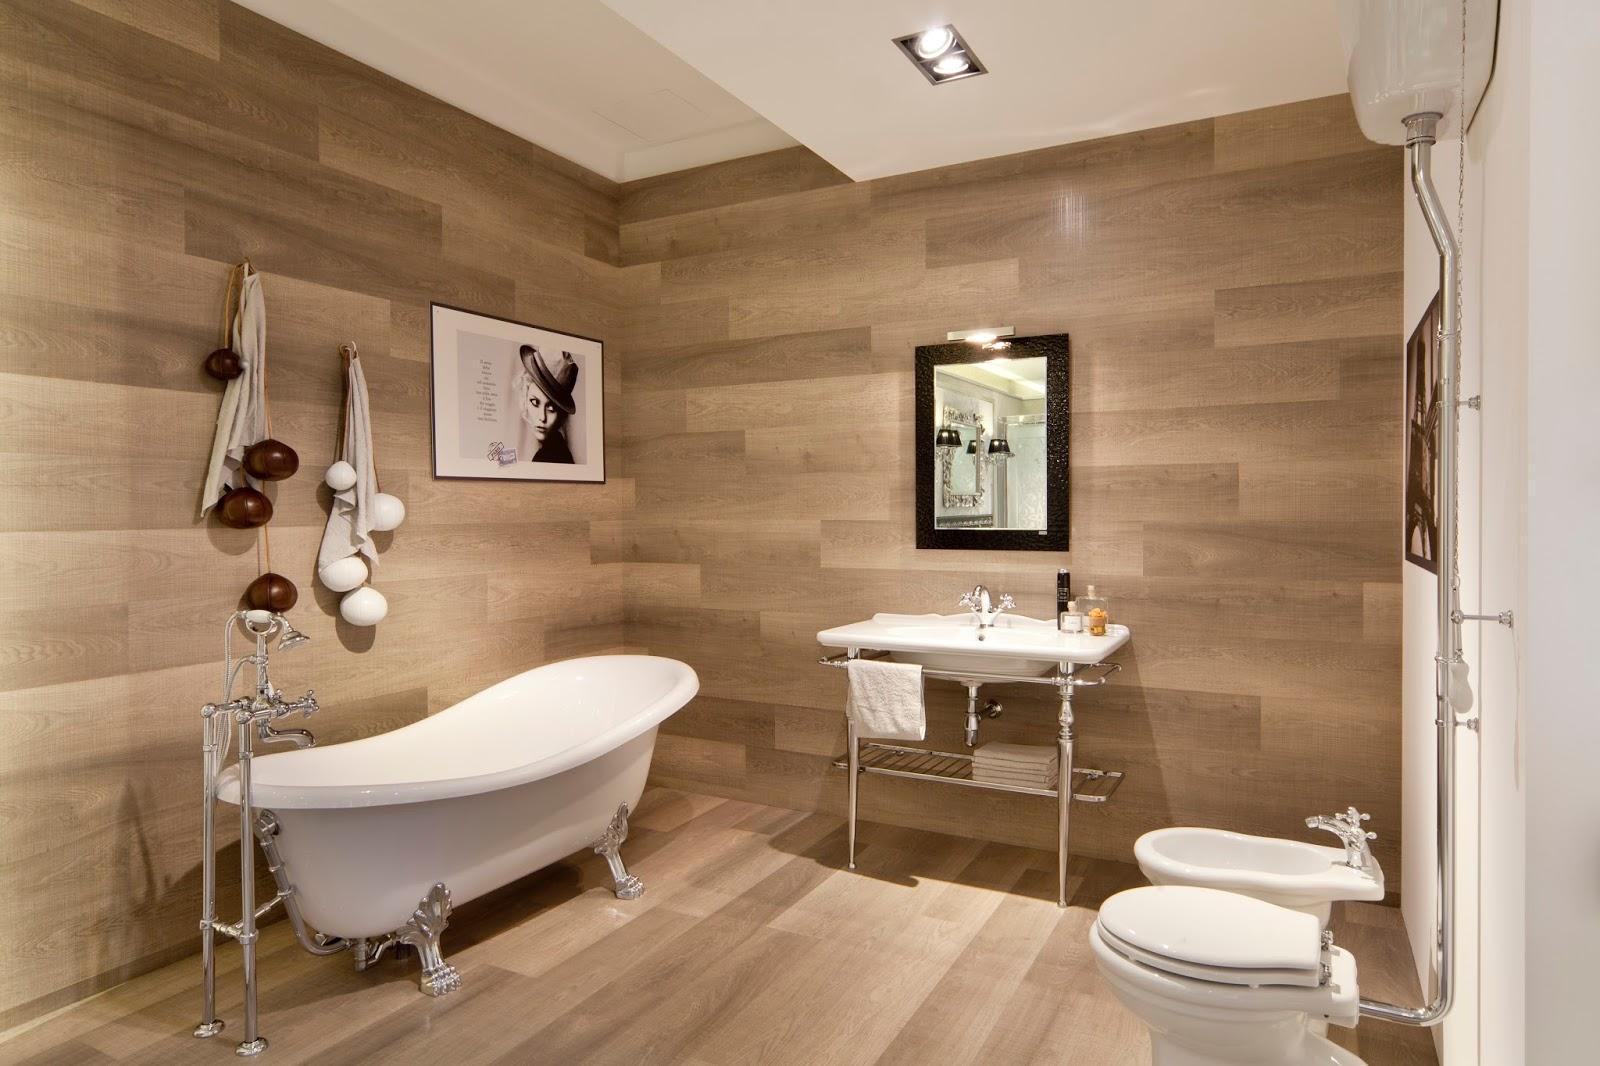 idralia il nuovo ecommerce per ristrutturare il bagno a prezzi lowcost